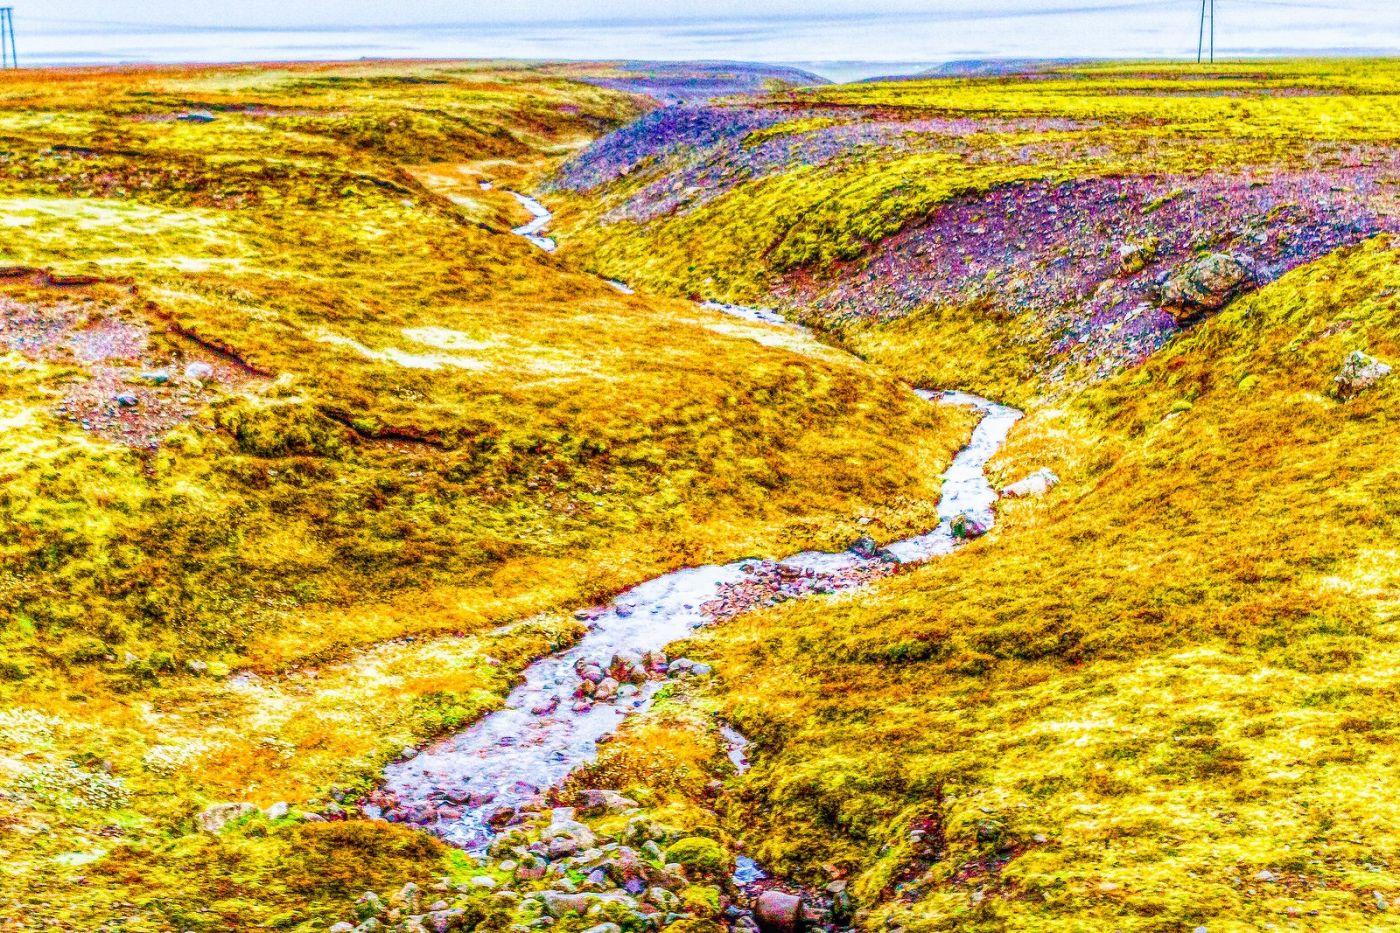 冰岛风采,延伸视野_图1-39